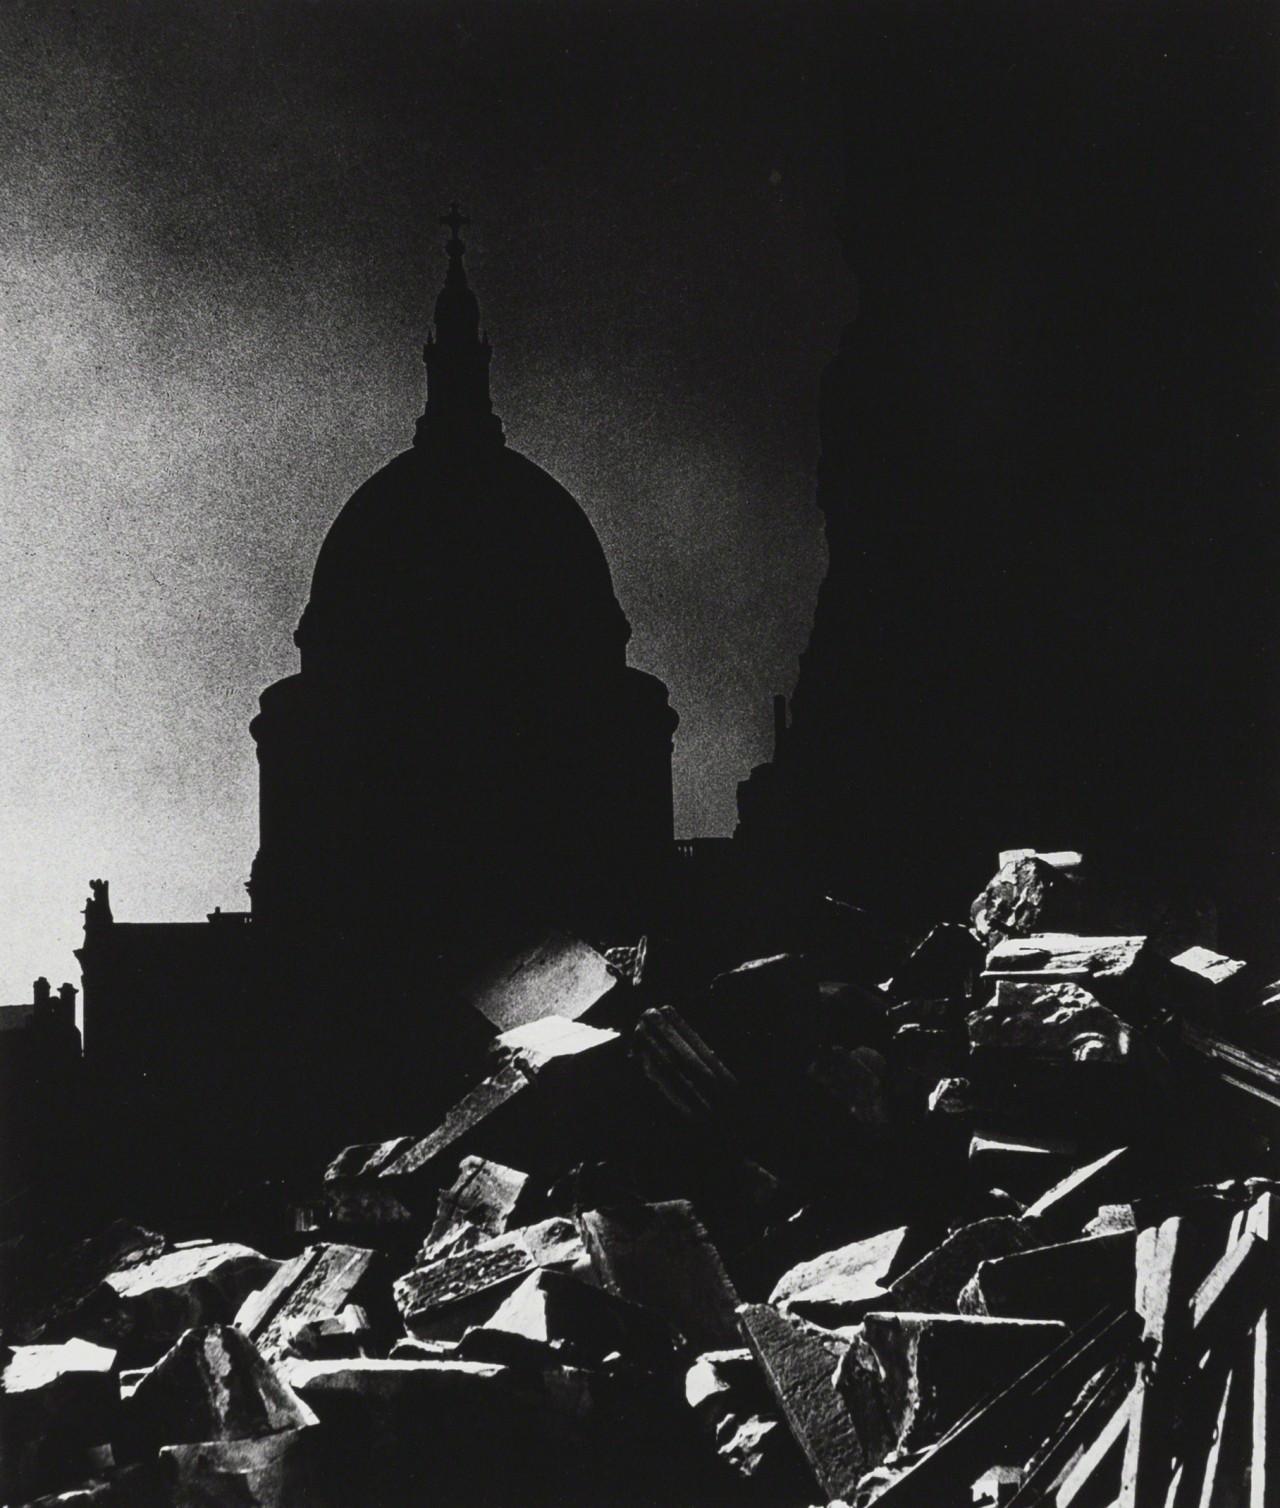 Собор Святого Павла в лунном свете, 1939. Фотограф Билл Брандт